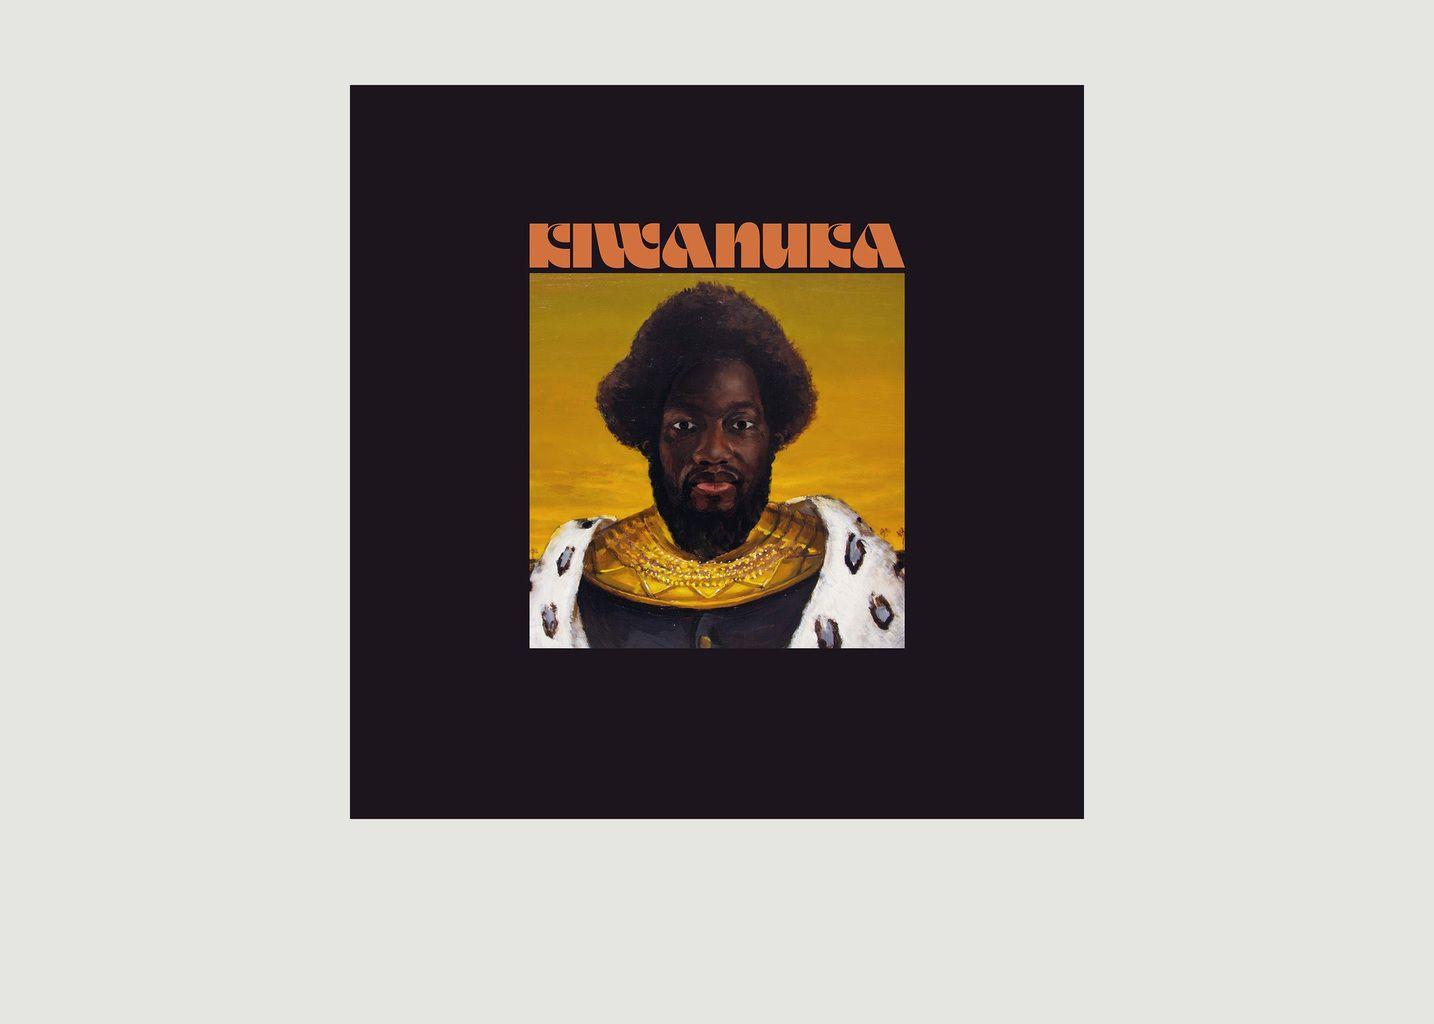 Kiwanuka - Michael Kiwanuka - La vinyl-thèque idéale